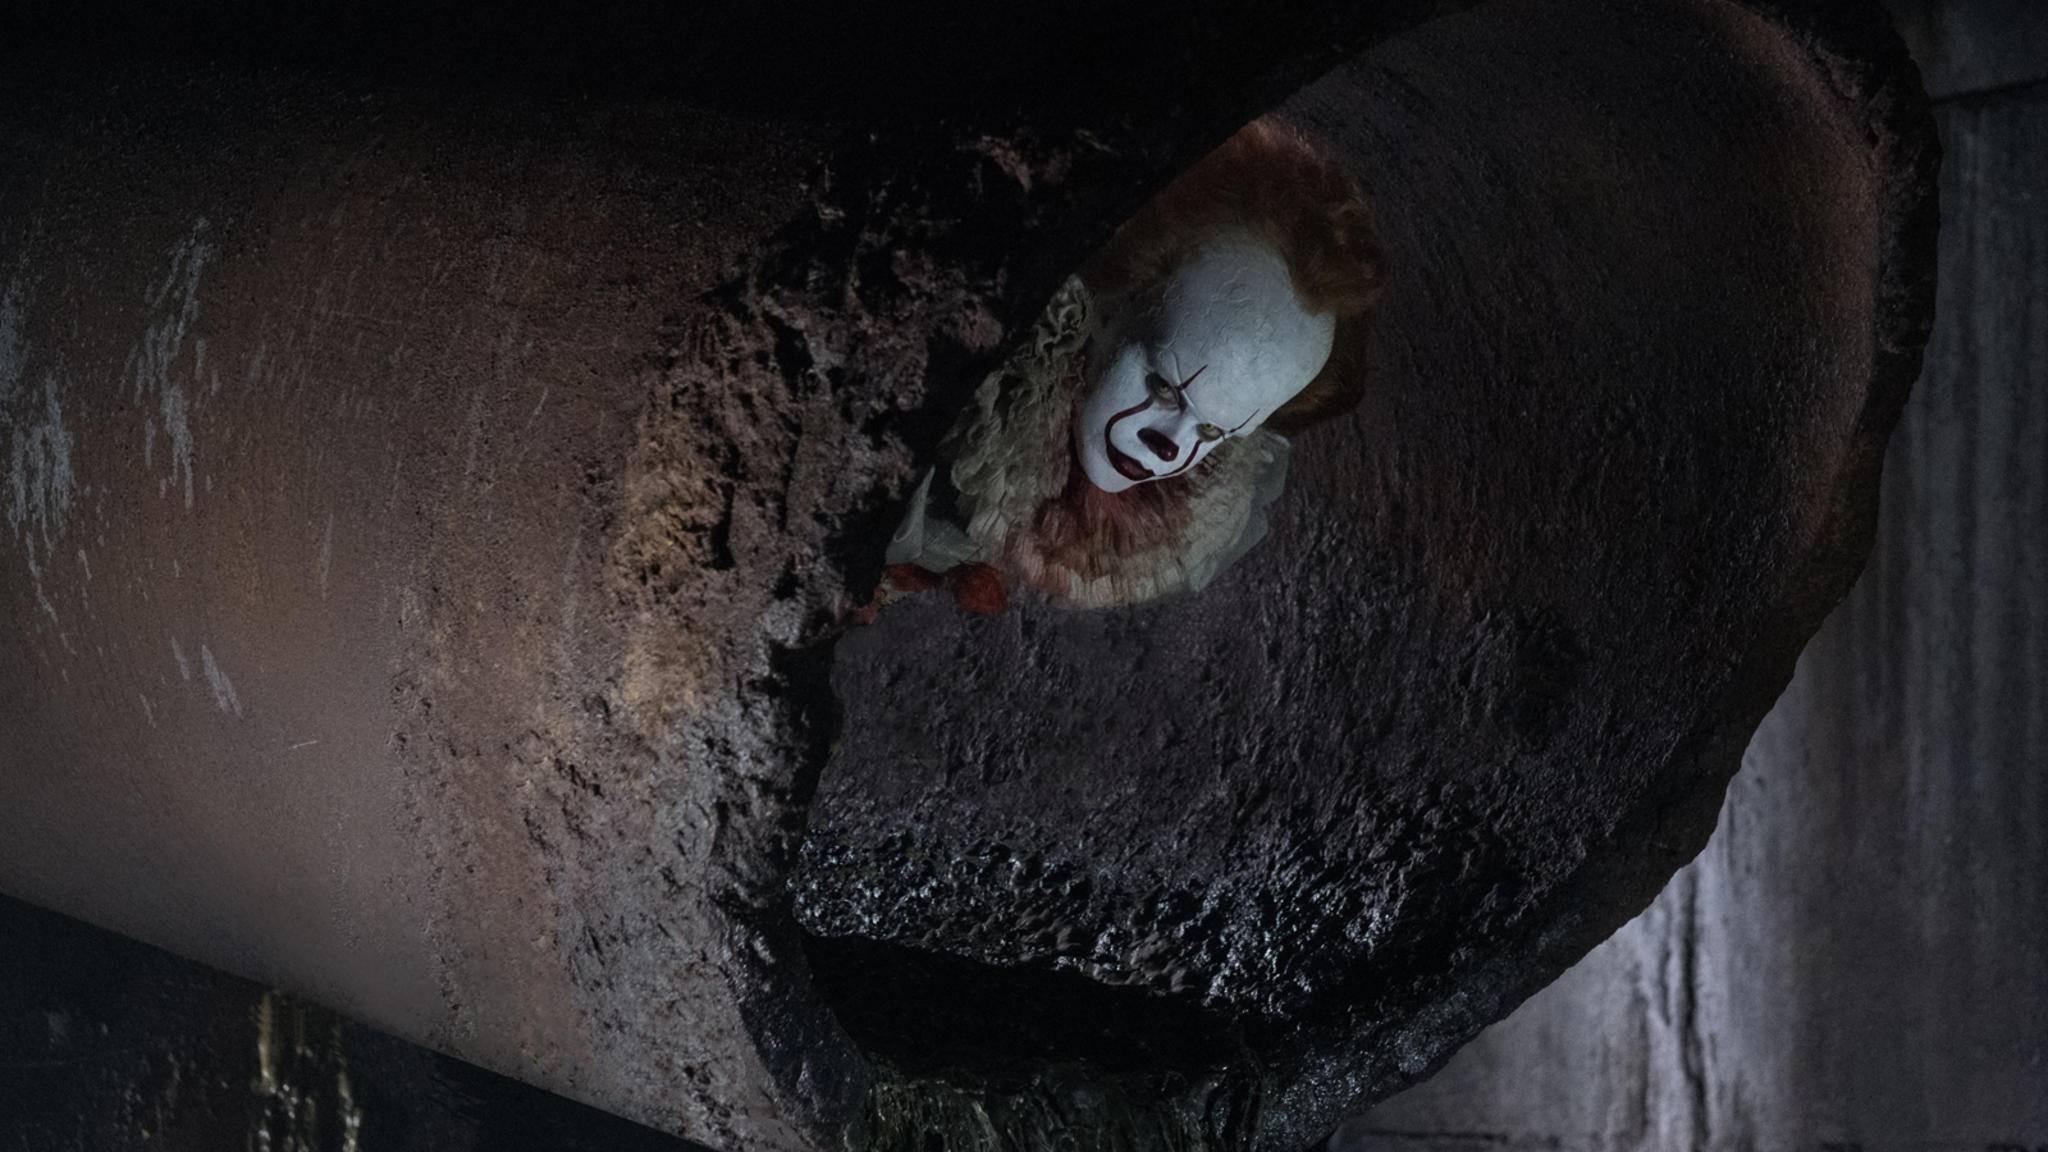 Kalt erwischt: 10 echt schockierende Eröffnungsszenen aus Horrorfilmen